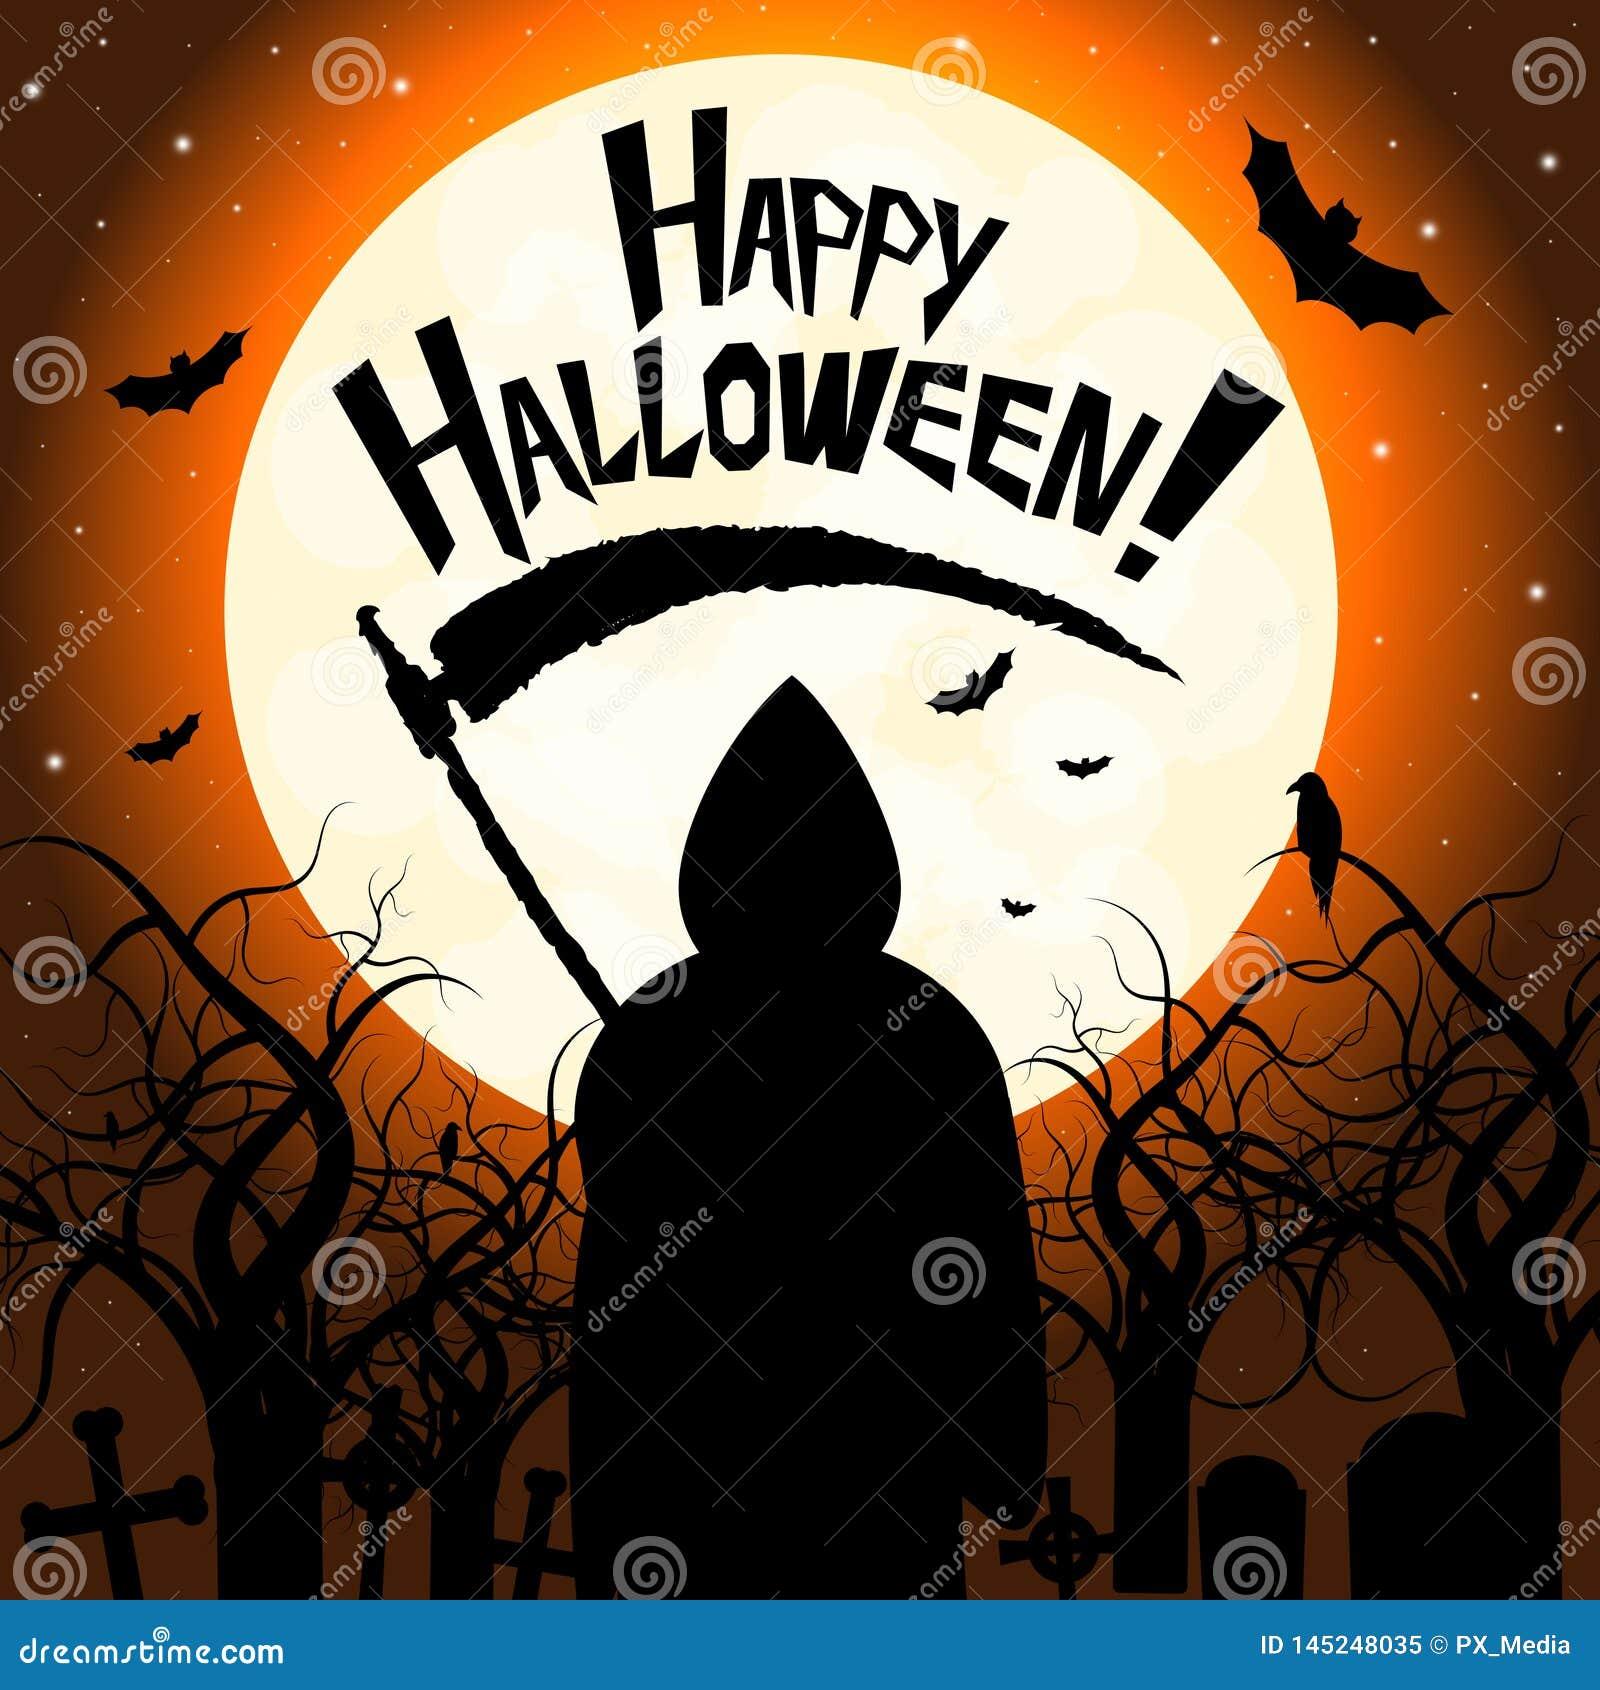 Happy Halloween - death with scythe